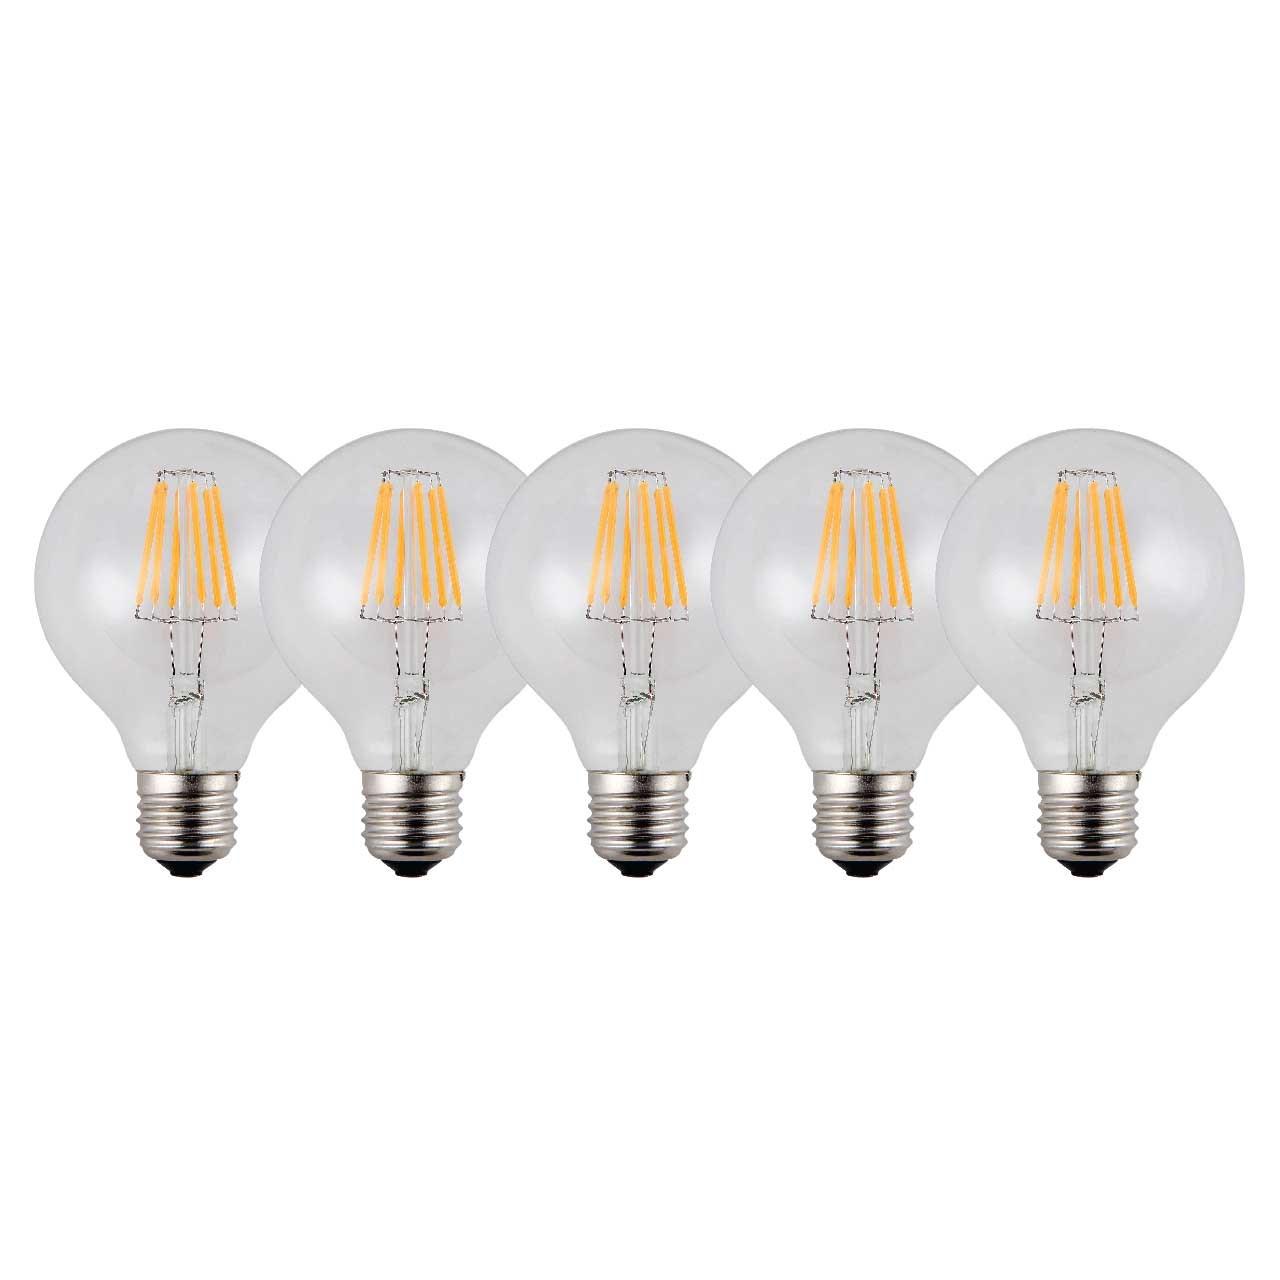 لامپ ال ای دی فیلامنتی 6 وات تکنوتل مدل 606 پایه E27 بسته 5 عددی